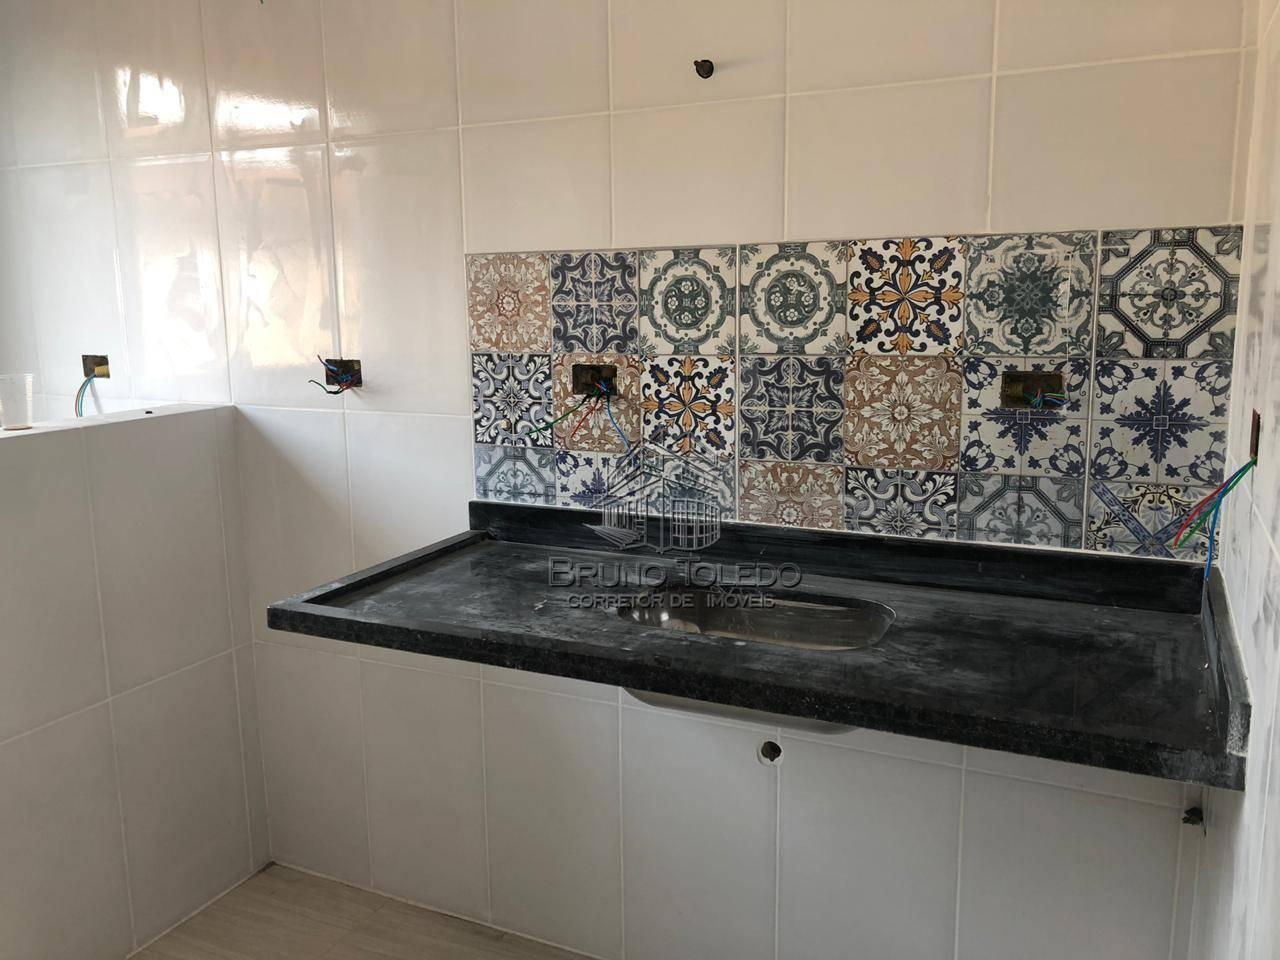 Casa com 2 dormitórios à venda, 64 m² por R$ 190.000 - Vila Guilhermina - Praia Grande/SP